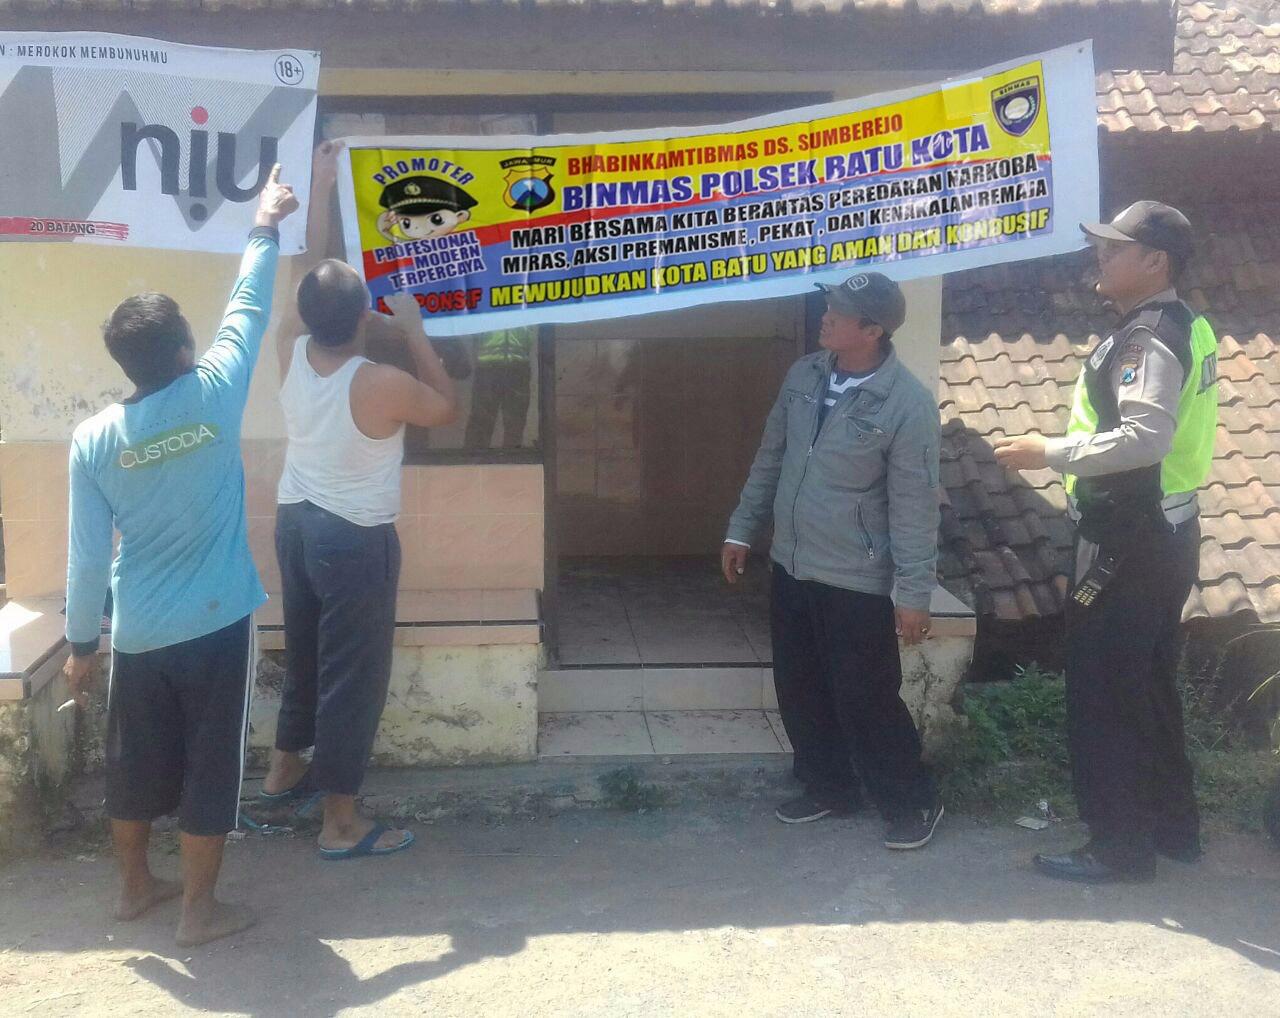 Berantas Narkoba, Bhabin Polsek Batu Kota Polres Batu Giat Pemasangan Banner Himbauan Kamtibmas Di Pos Pos Kewilayahan